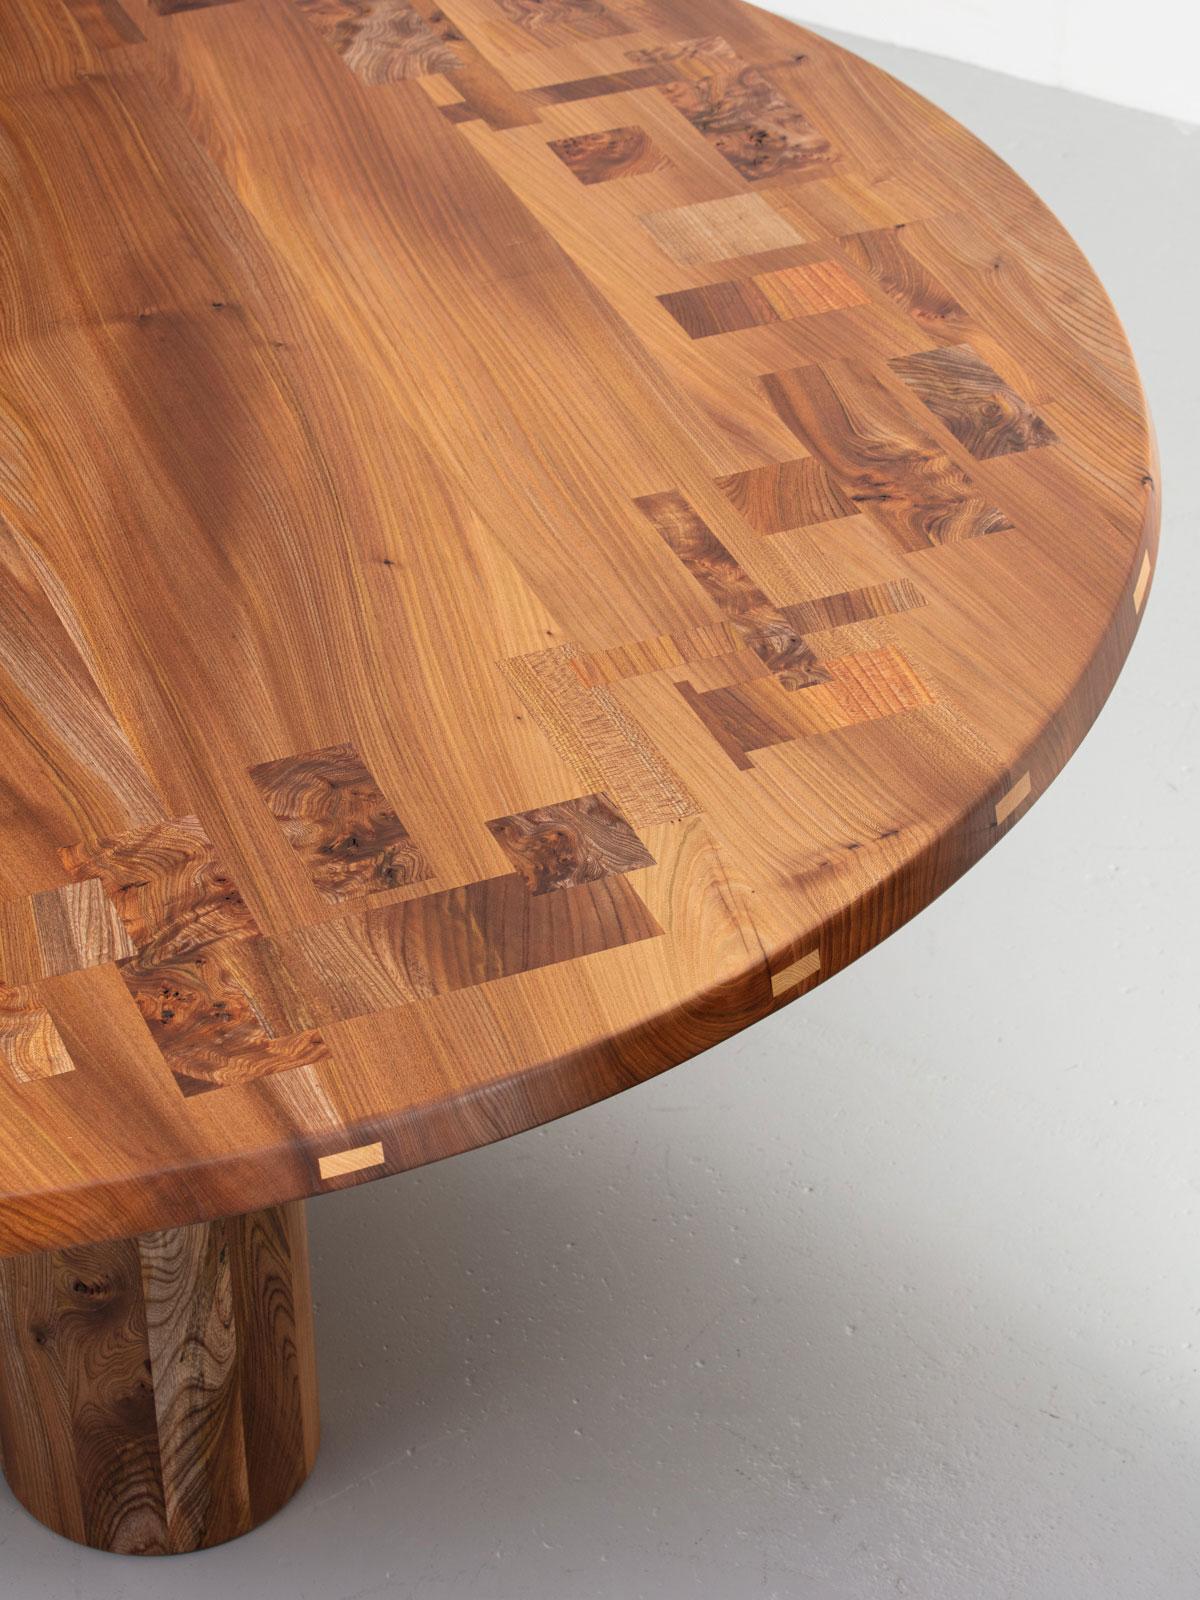 Jan Hendzel Round Tables Studio 2021-61